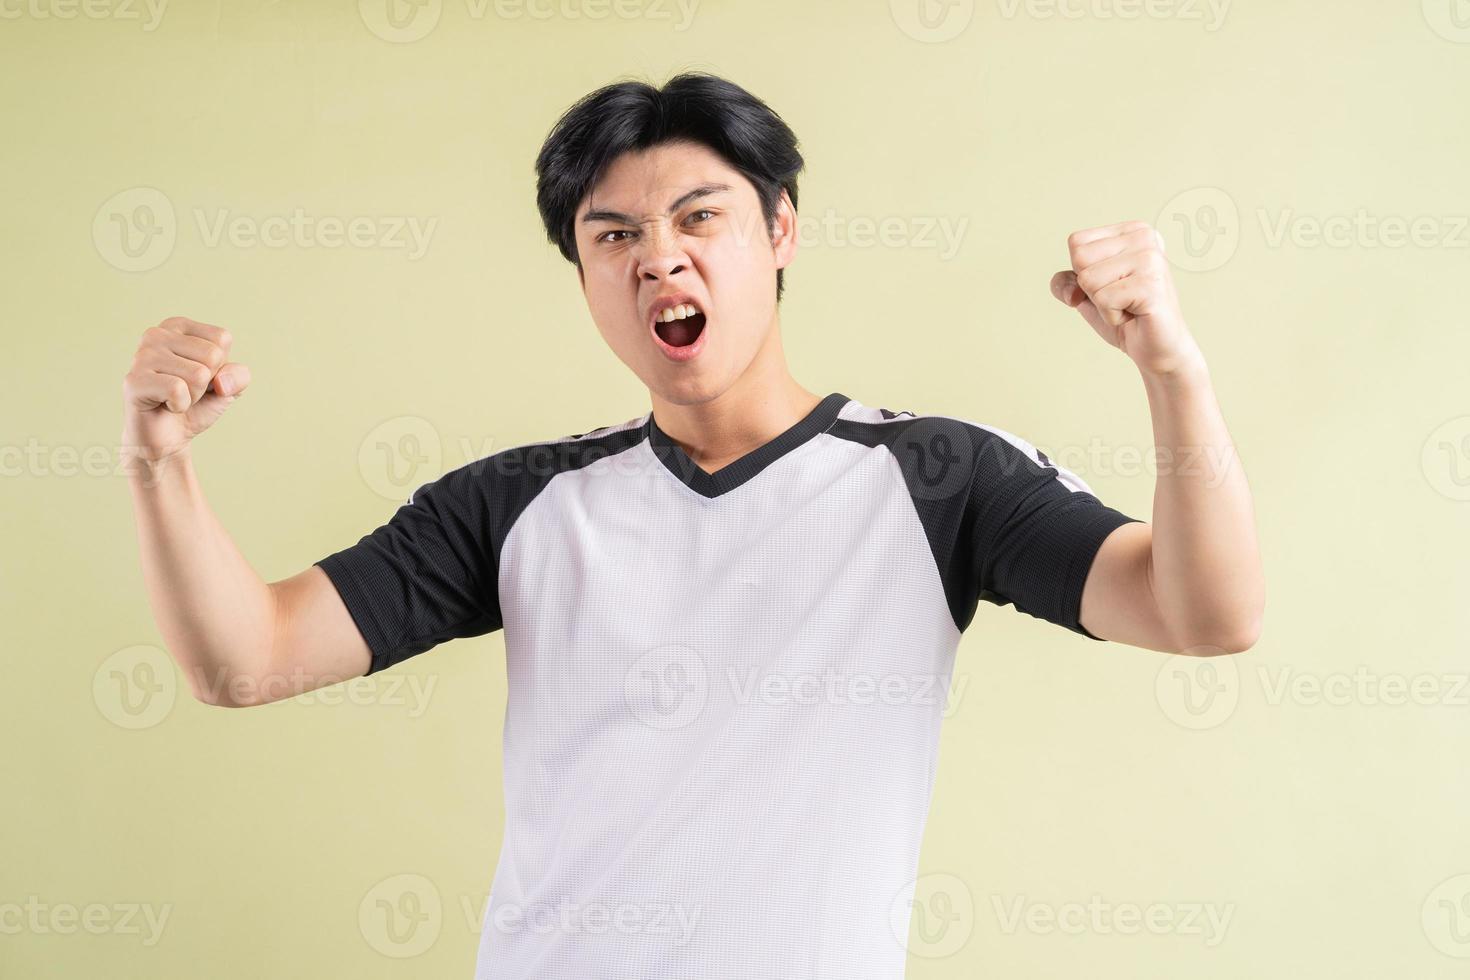 der asiatische mann schrie aus einem triumphierenden ausdruck heraus foto